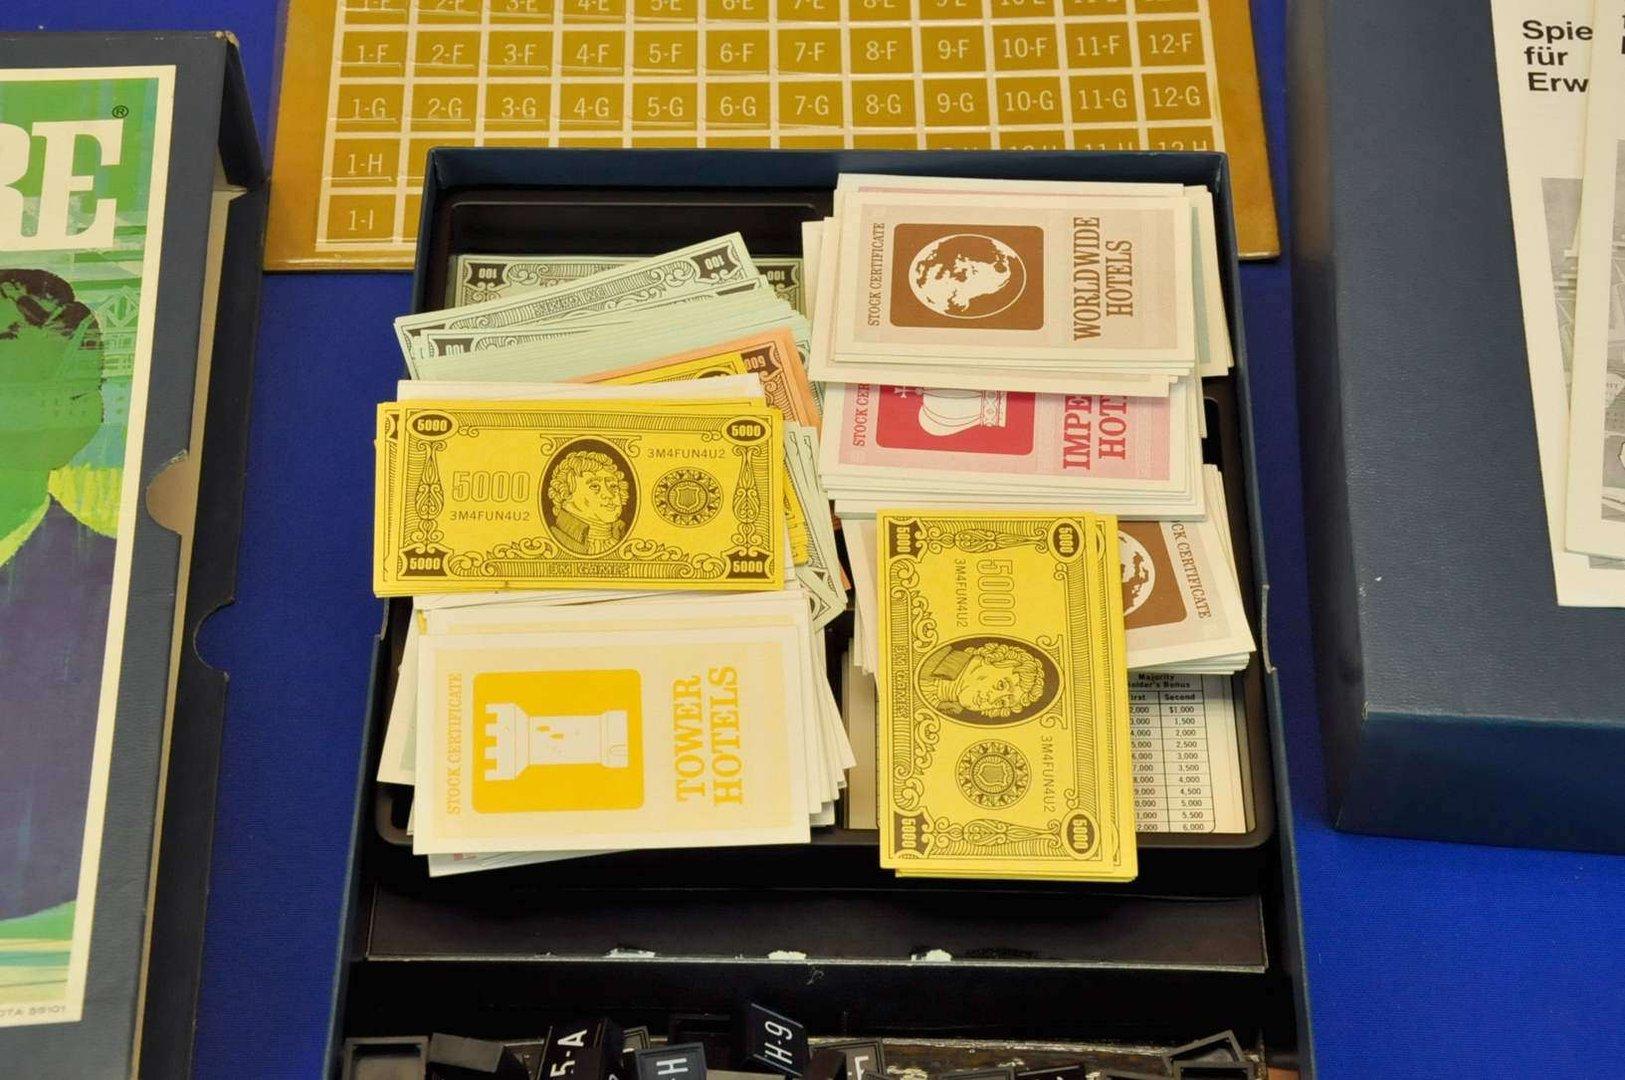 Acquire Brettspiel 3M Company USA 1968 - KuSeRa